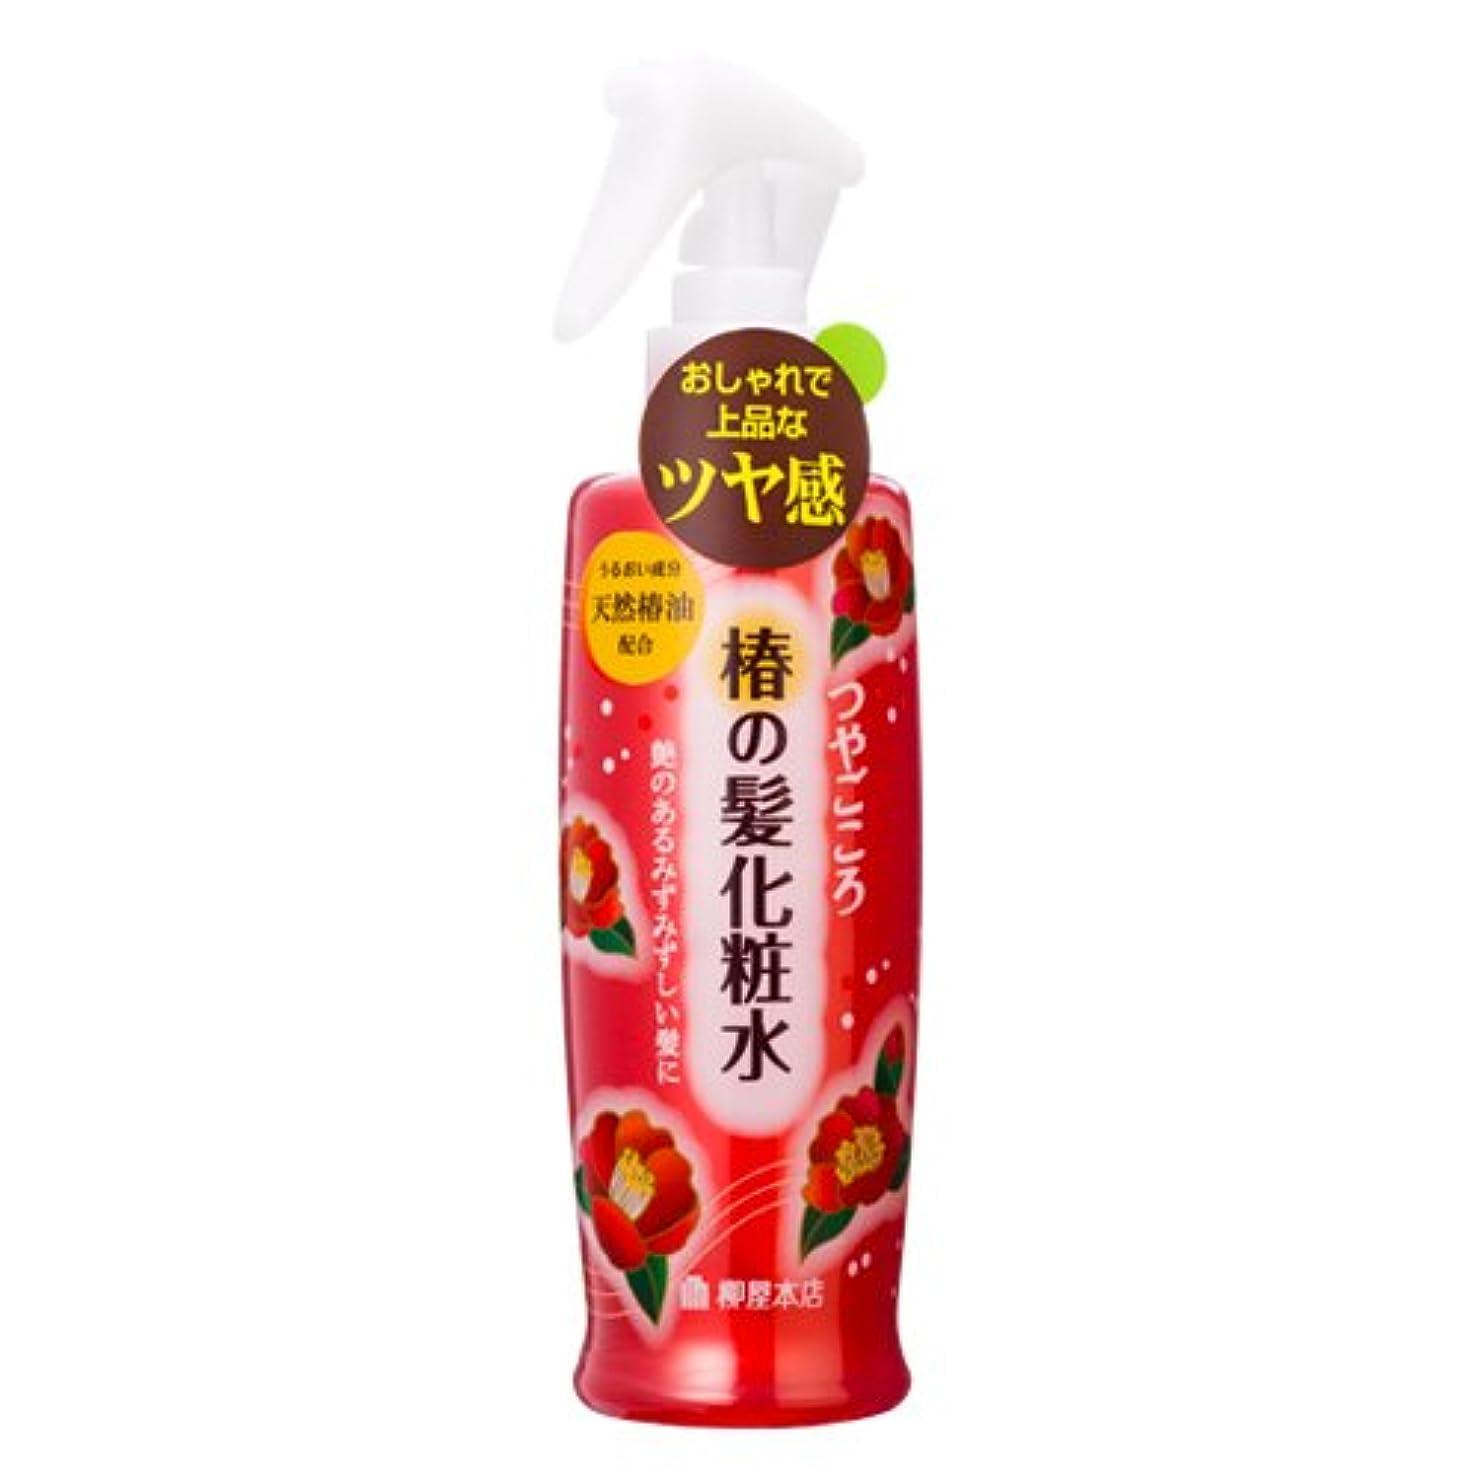 説明的悲劇びんつやごころ 椿の髪化粧水250ml